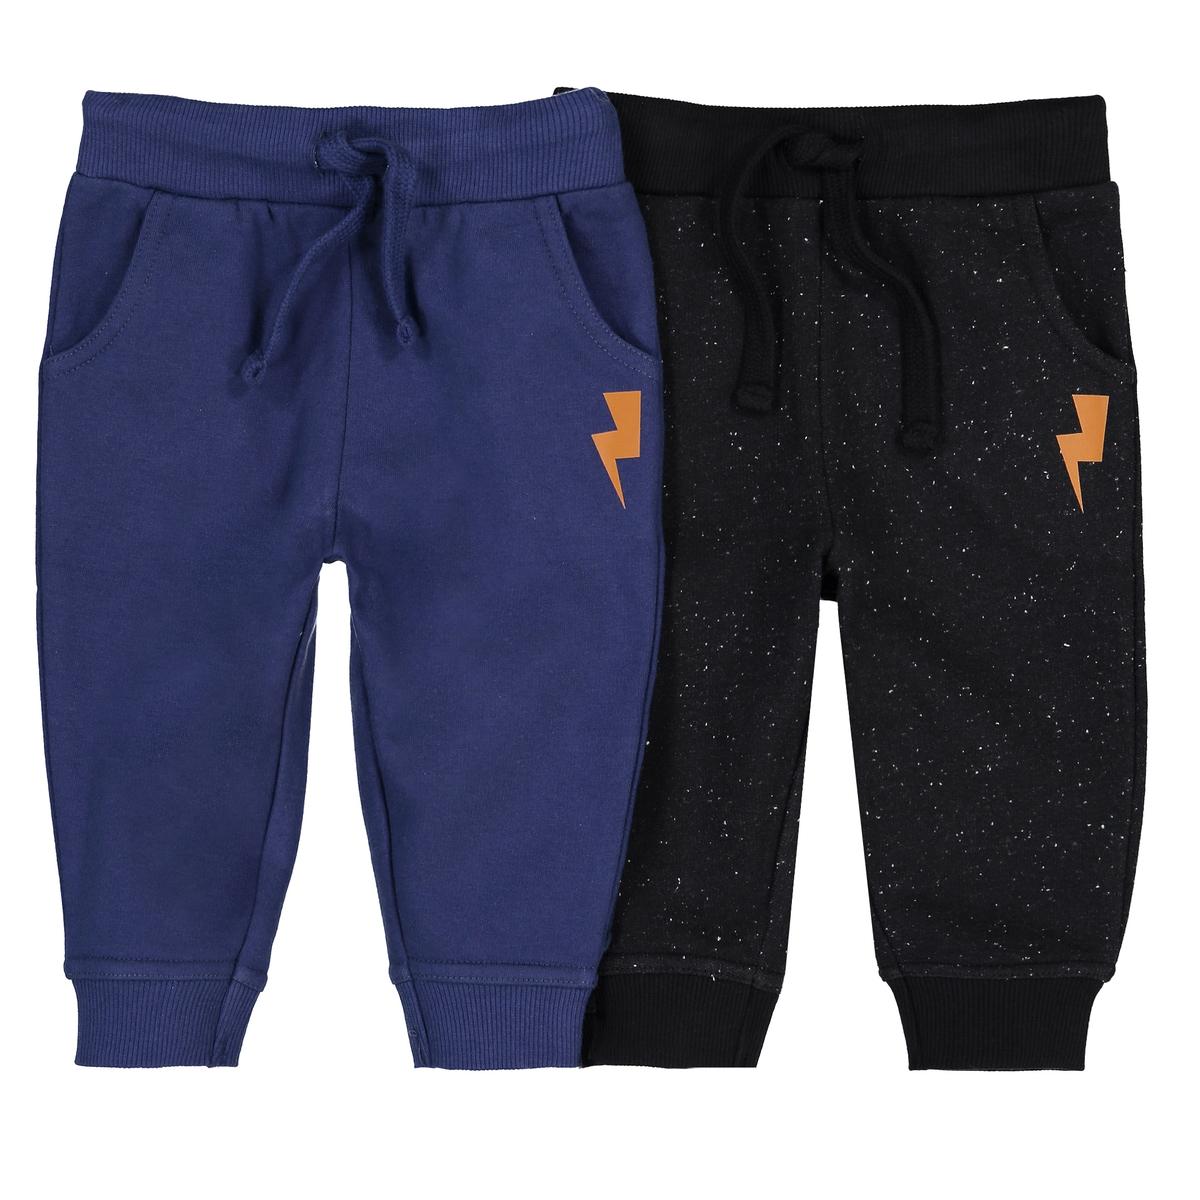 2 спортивных брюк из мольтона 1 мес -3 года бермуды с рисунком из мольтона 1 мес 3 года